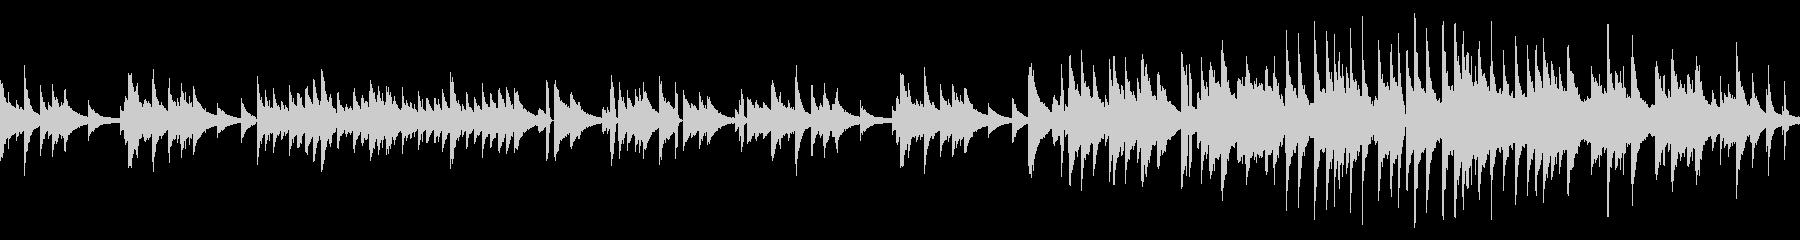 ピアノソロバラードBGM(ループ仕様)の未再生の波形